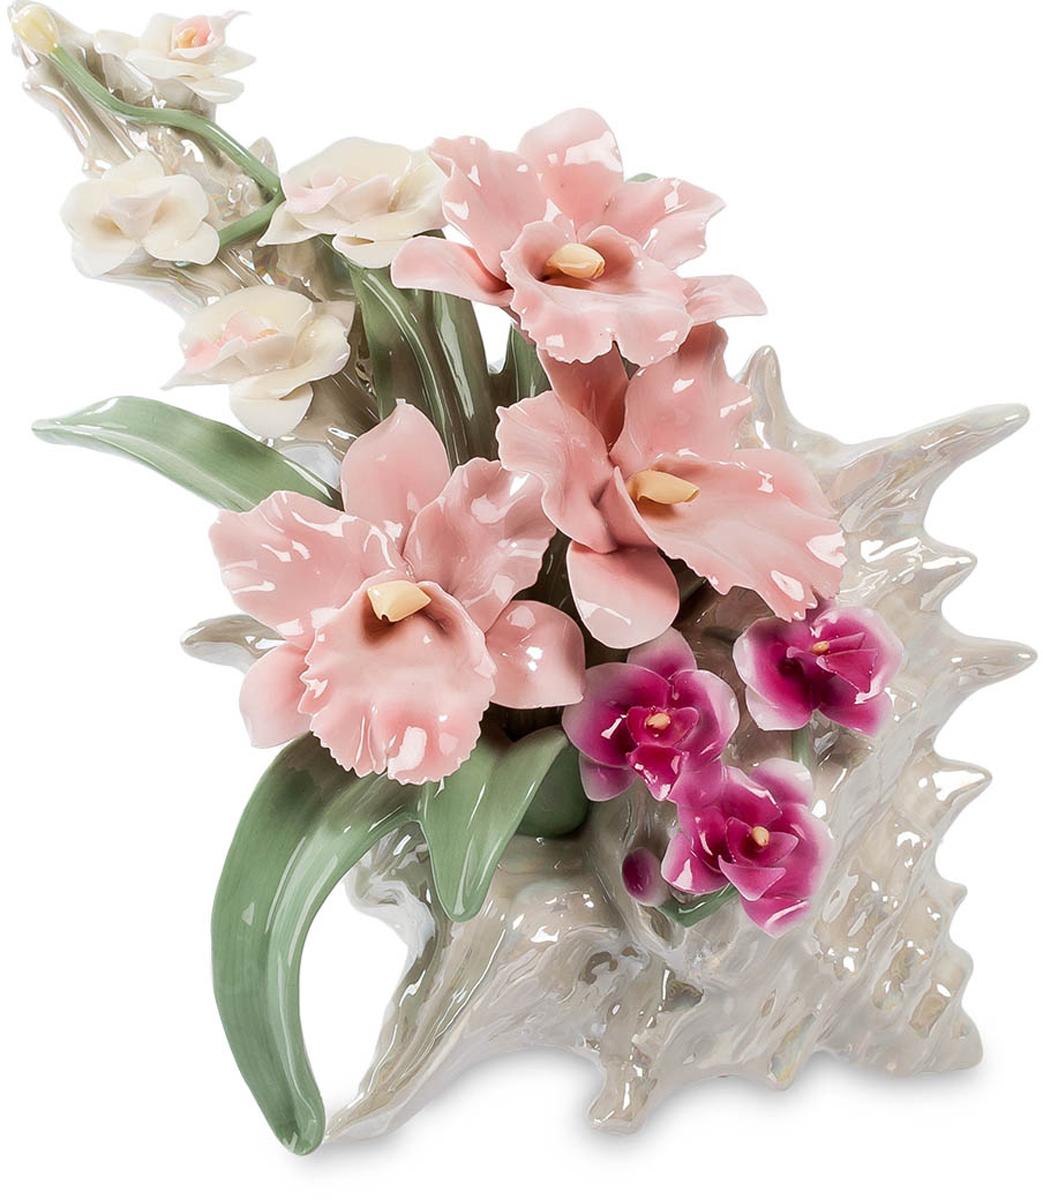 Музыкальная композиция Pavone Ракушка с цветами. CMS-33/ 1UP210DFМузыкальная композиция Ракушка с цветами (Pavone)Причудливой формы раковина из далеких тропических морей и сама по себе достойна восхищения, но ее использовали как основу для размещения ней цветочной композиции, лаконичной и удивительно красивой. Белые, розовые и малиновые цветы, зеленые листья – все это выполнено из тончайшего фарфора и радует взгляд не хуже живых цветов. Красота каждого цветка находит отклик в красоте творения морских глубин, создавая удивительное впечатление. Так и кажется, что сейчас зазвучит прекрасная музыка. И она действительно начинает звучать: в фигурку встроен музыкальный механизм, который можно просто завести и слушать музыку.